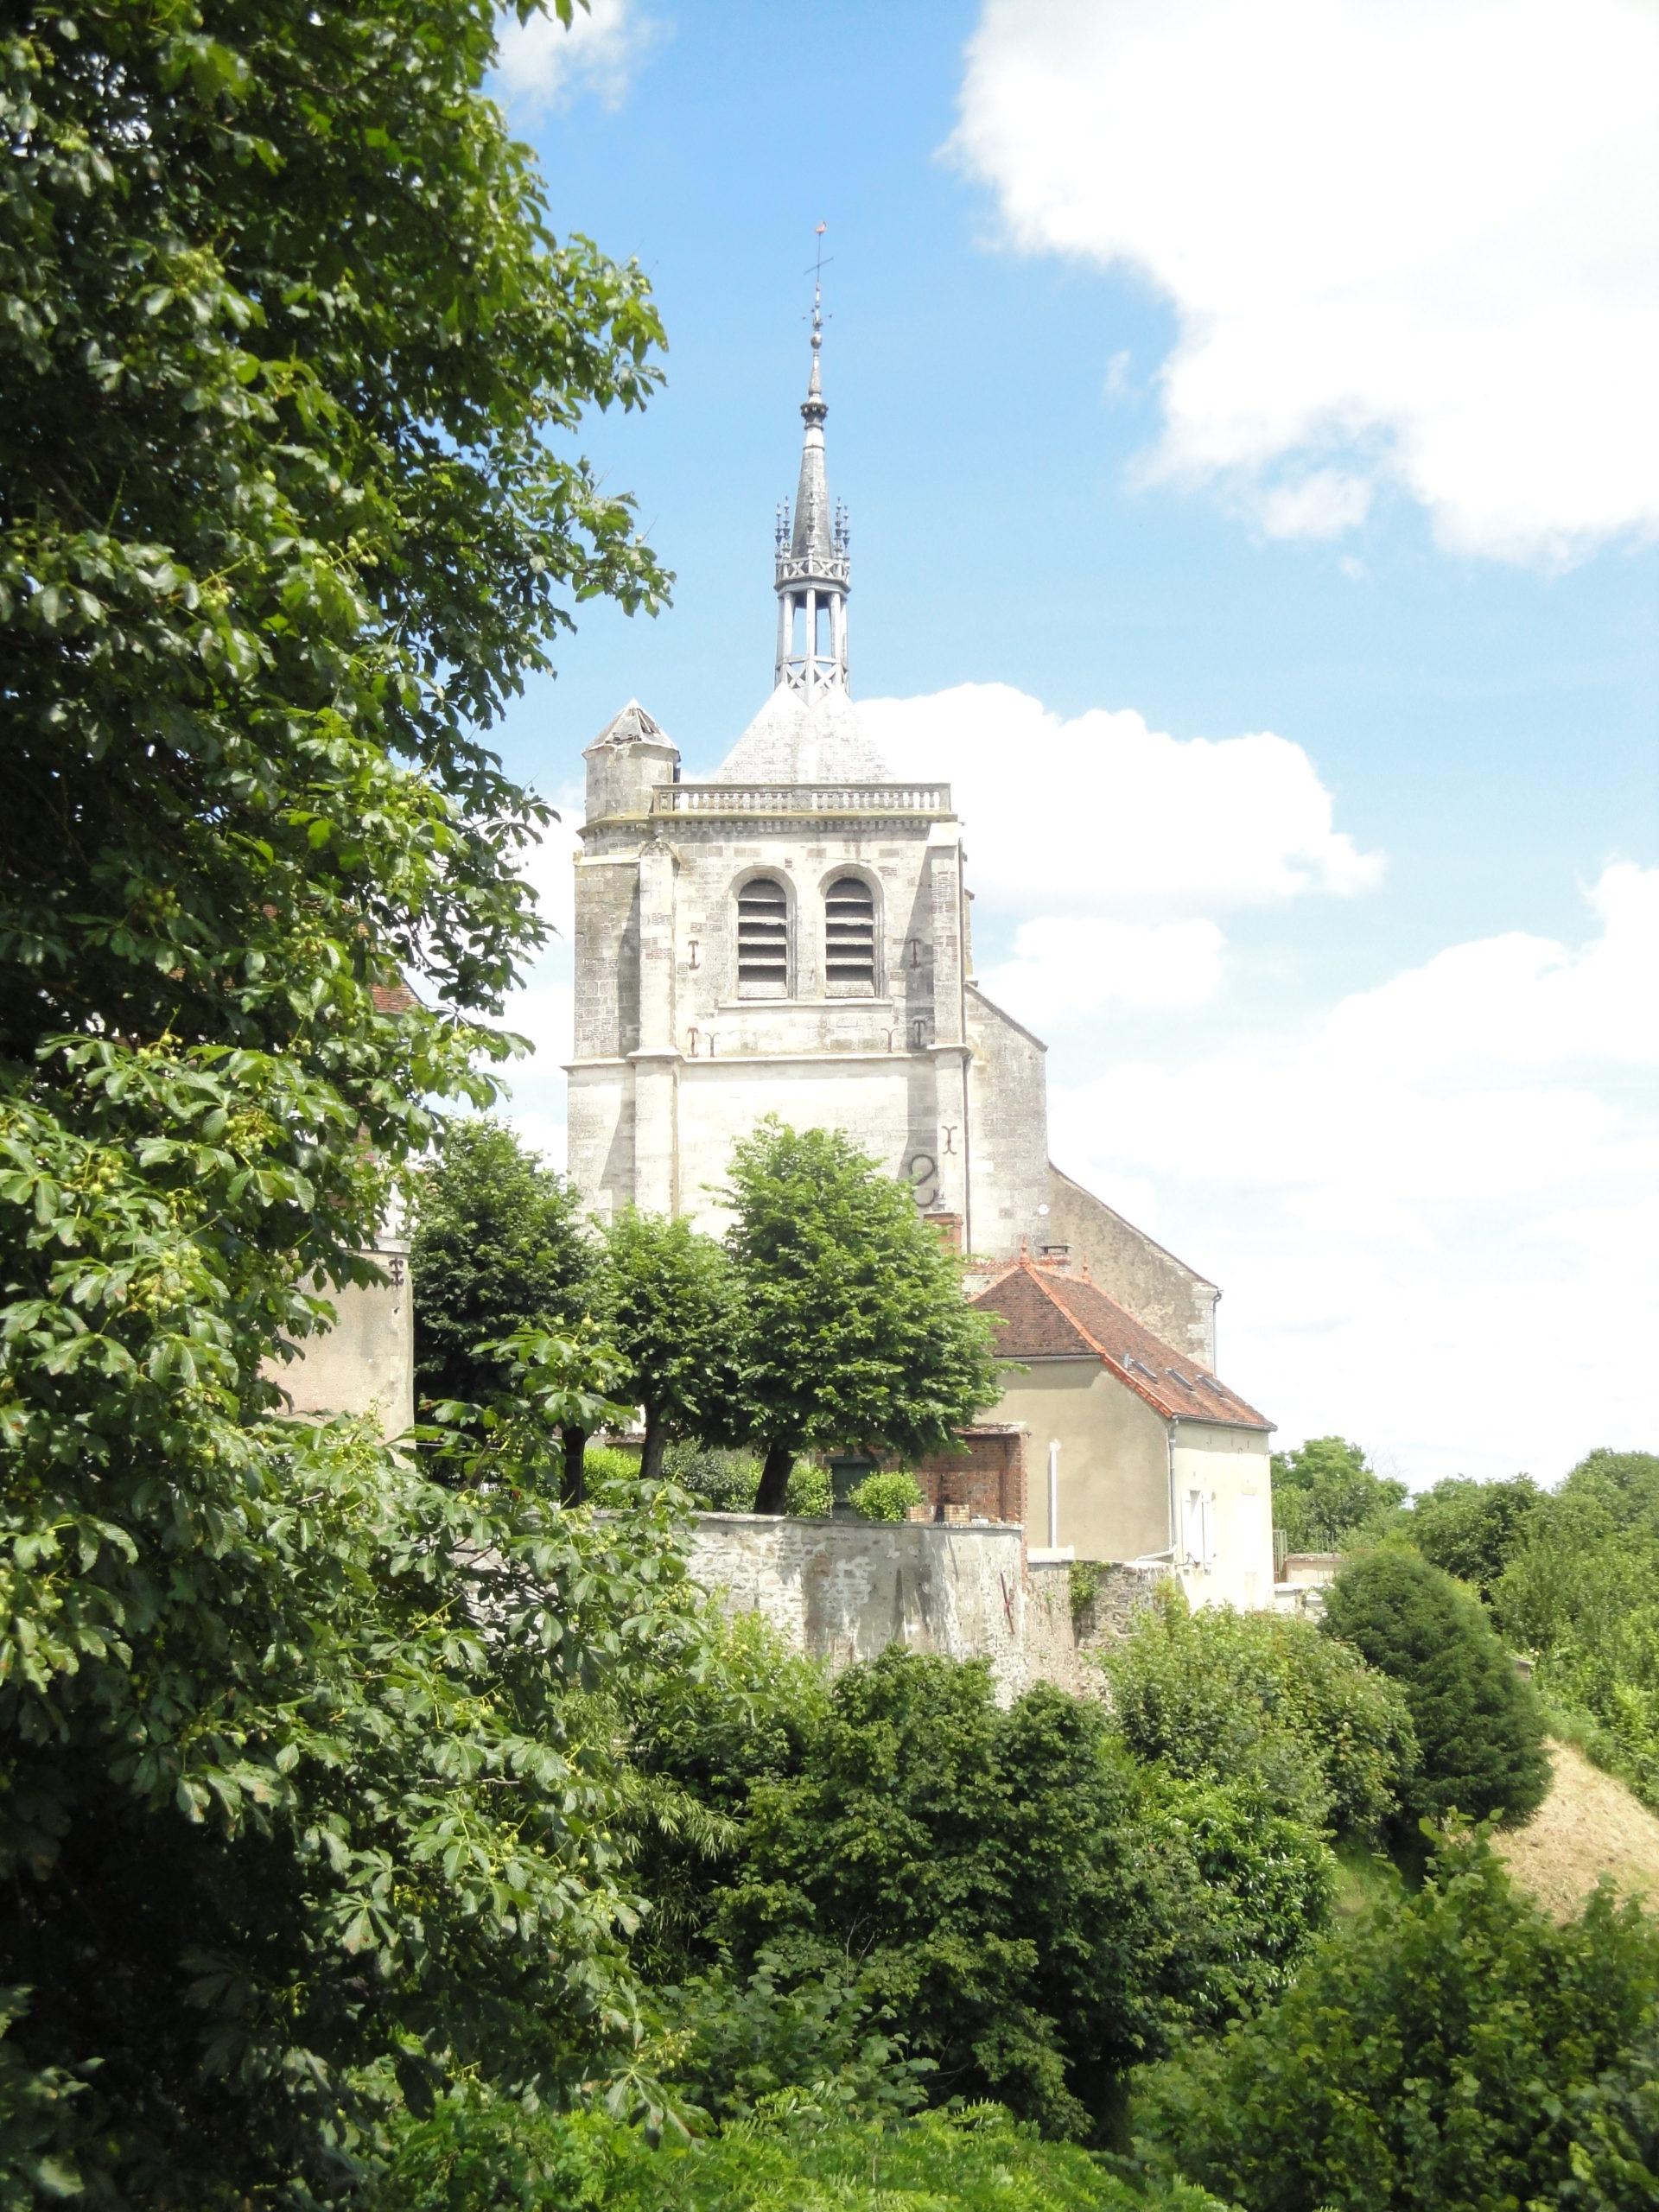 Eglise Saint Pierre-ès-Liens à Ervy-le-Châtel Ervy-le-Châtel